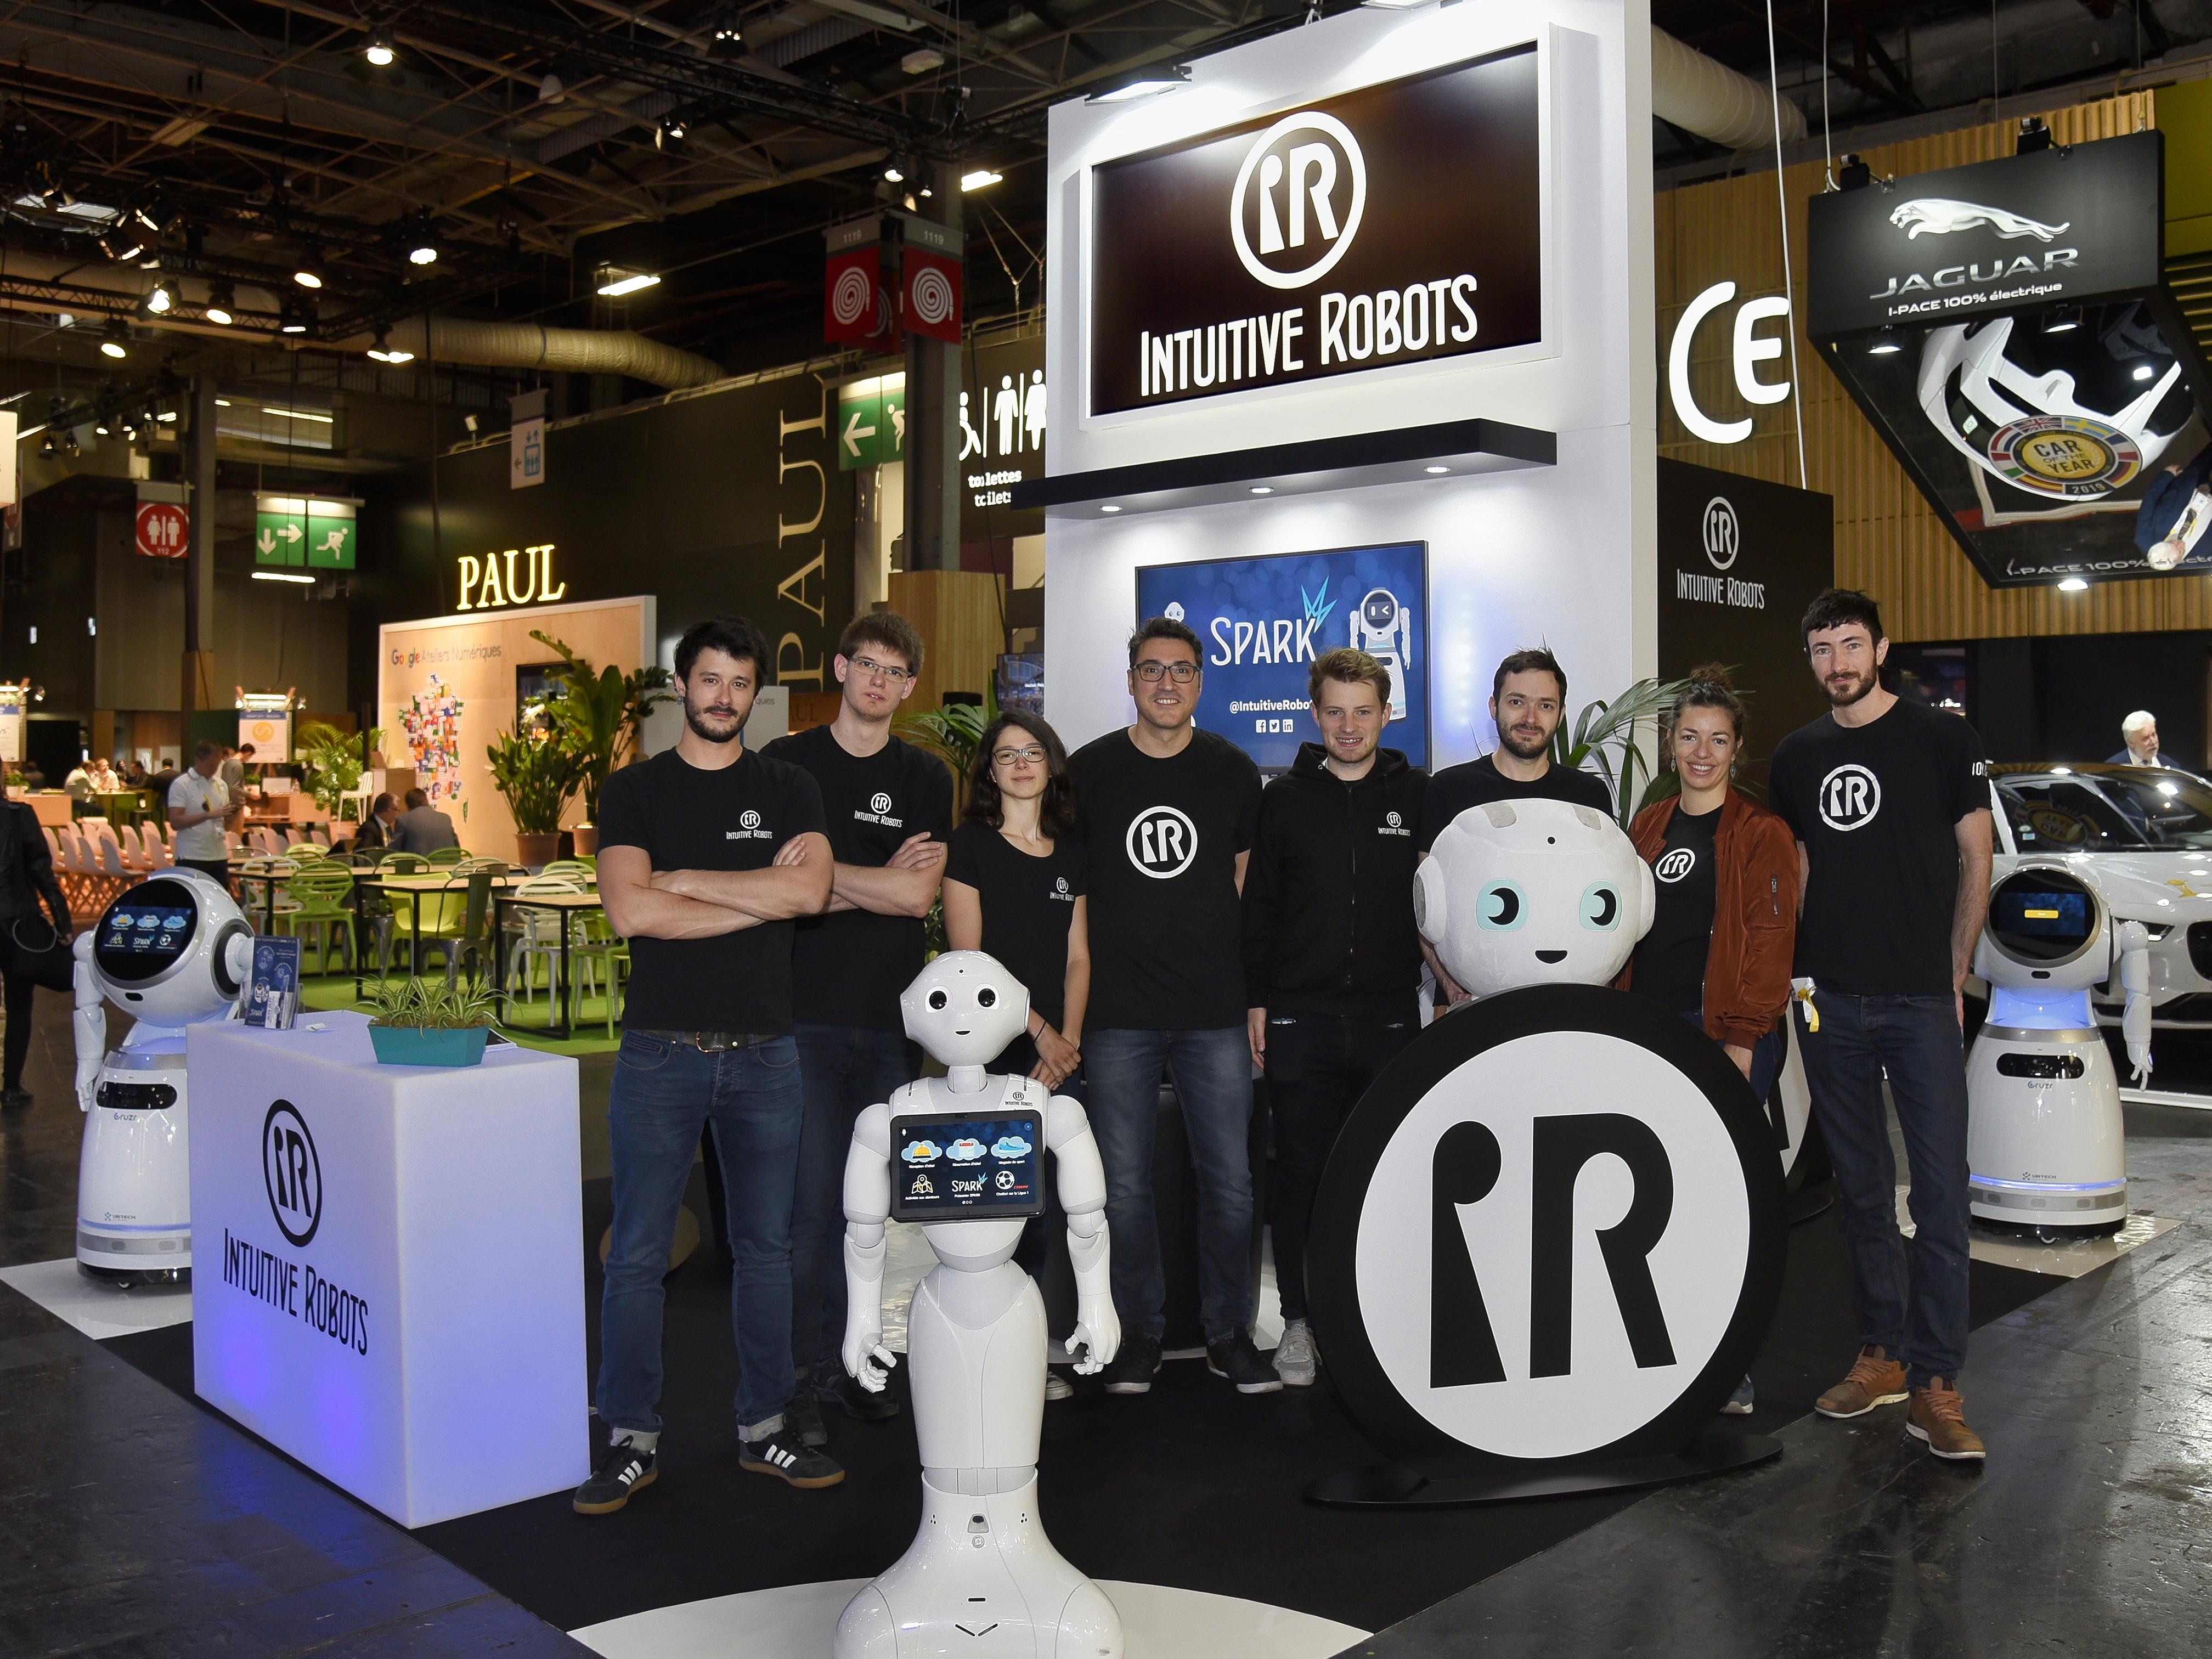 intuitive robots vivatech